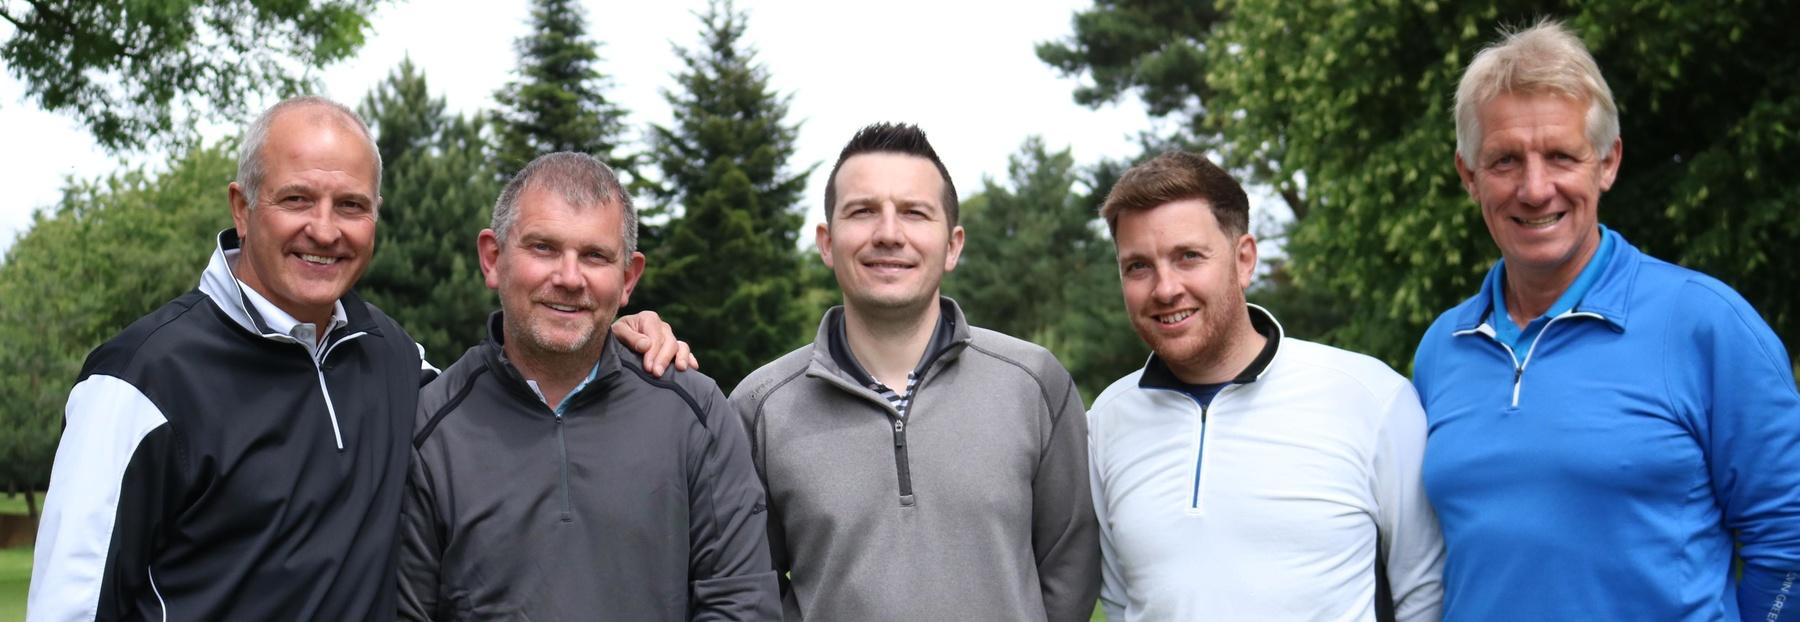 3 hammmerscropSteve Bull ian Bonser with Team LLOYDS BANK